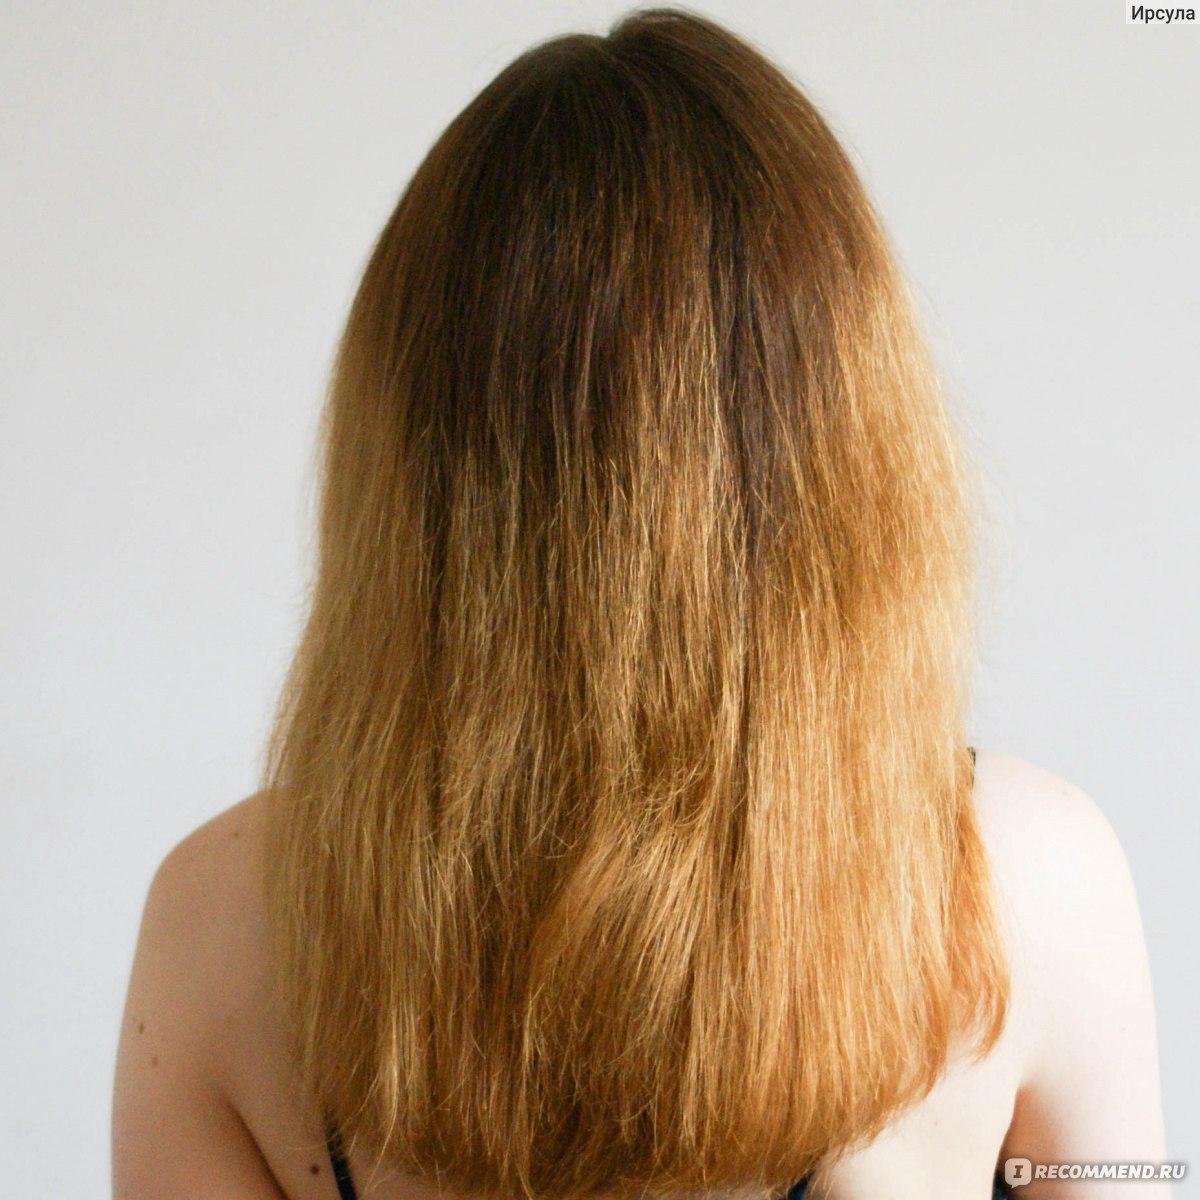 Не хочу пользоваться бальзамом для волос